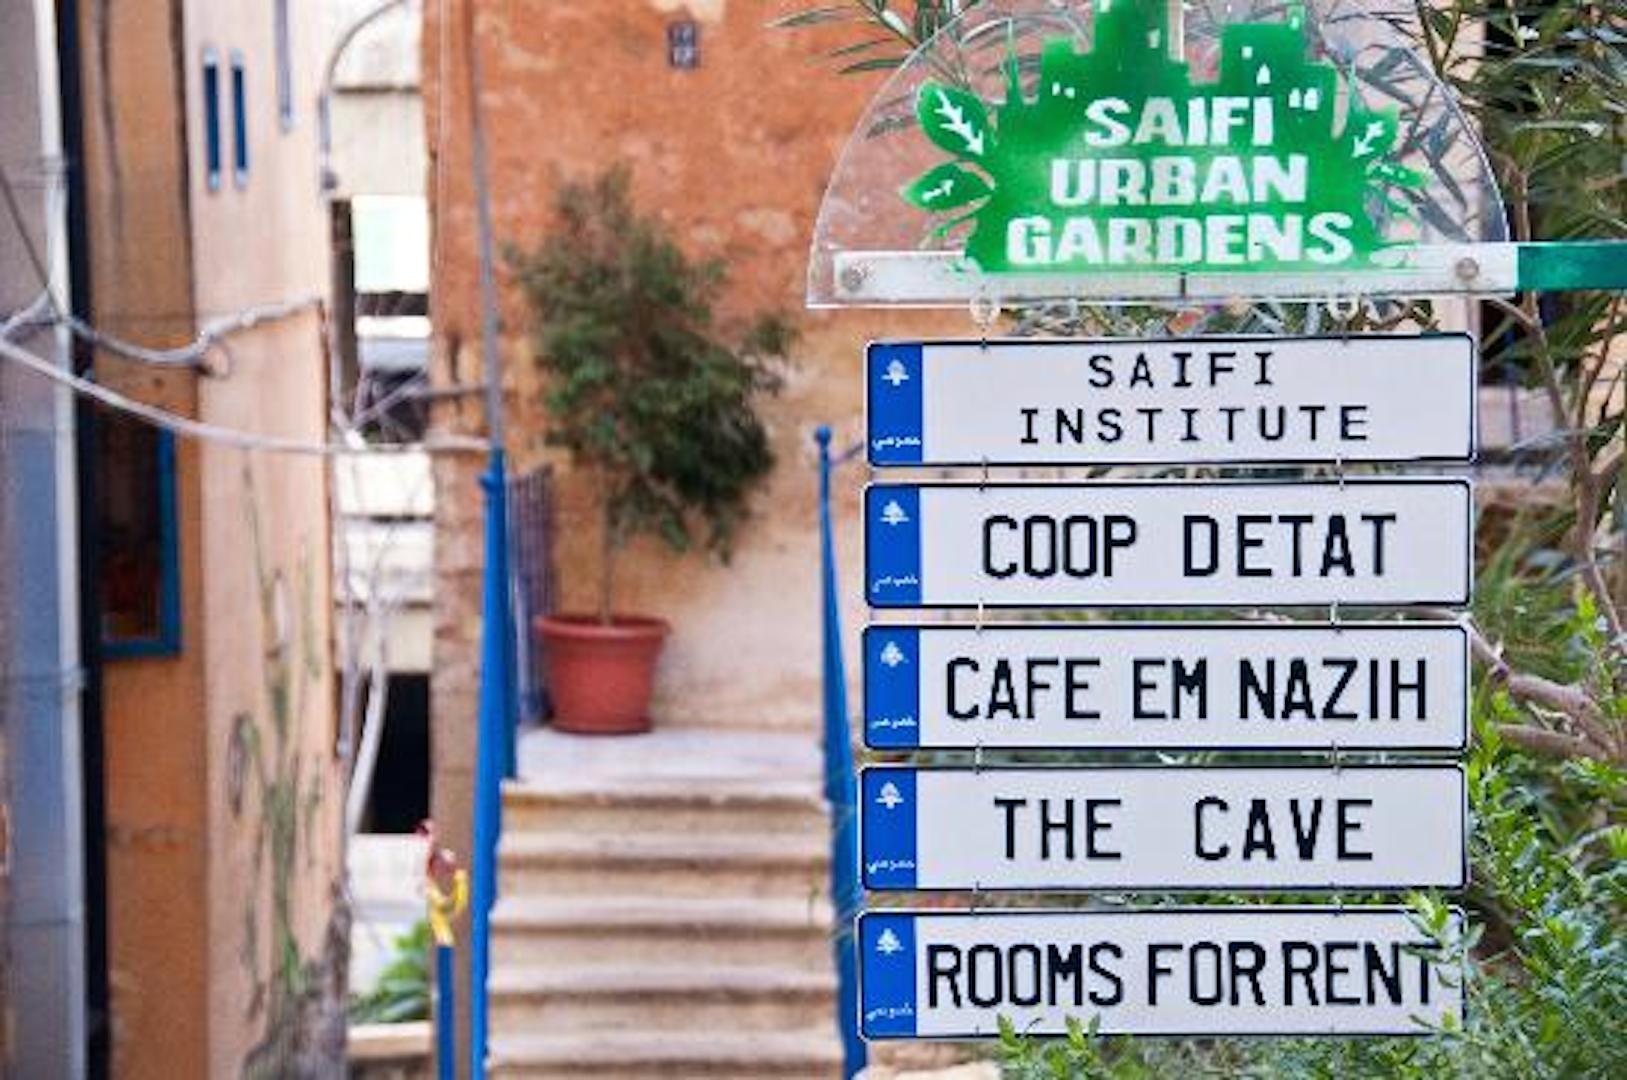 saifi-urban-gardens